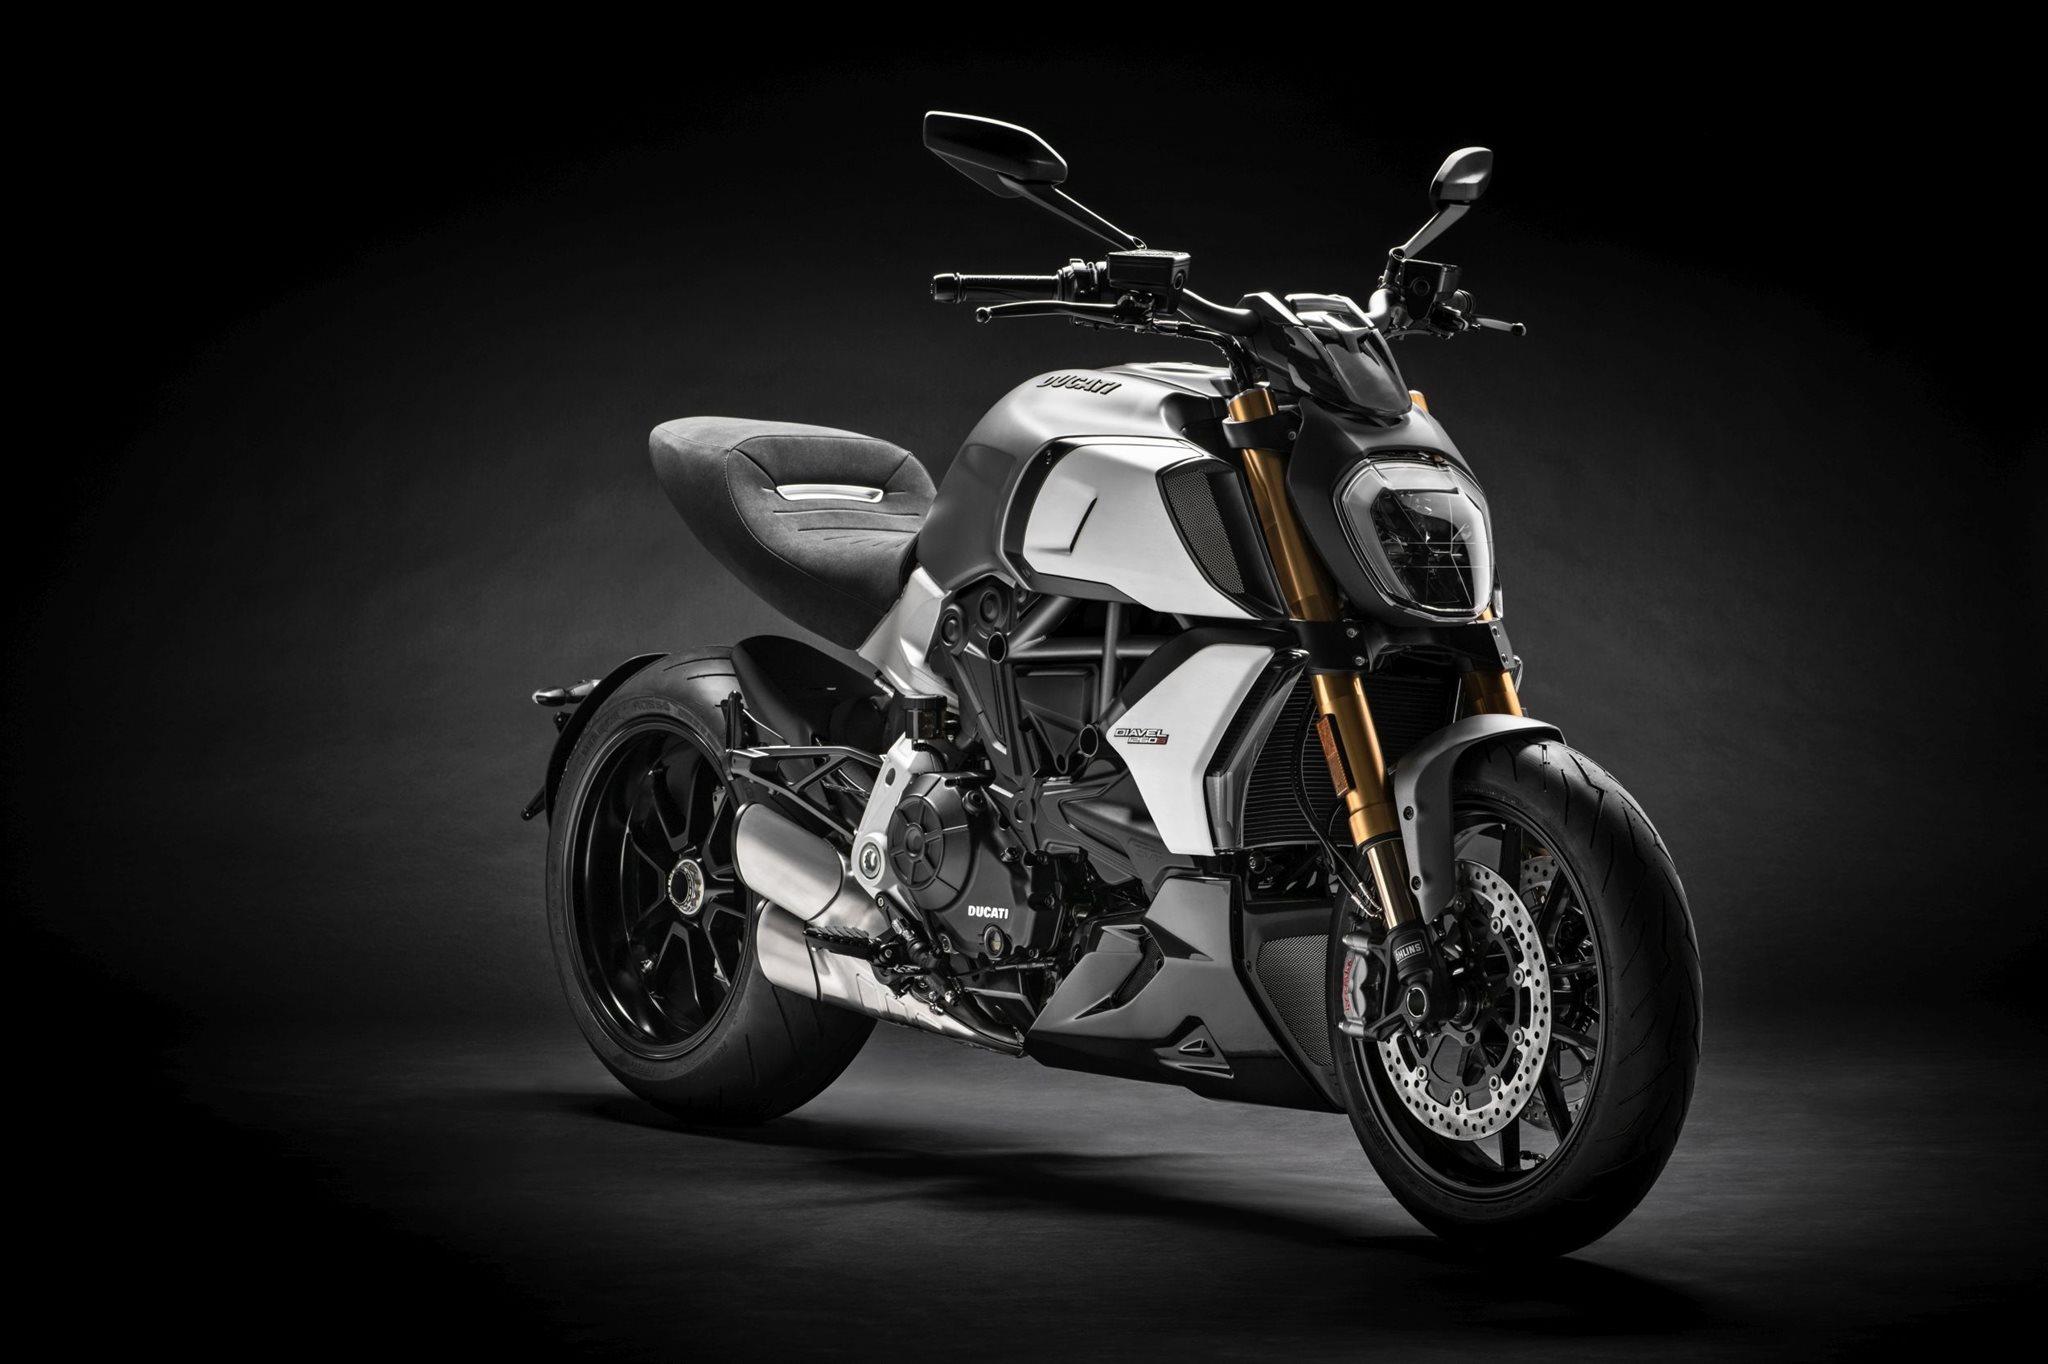 Ducati Diavel 1260 S 2021 Model Naked / Roadster Motor